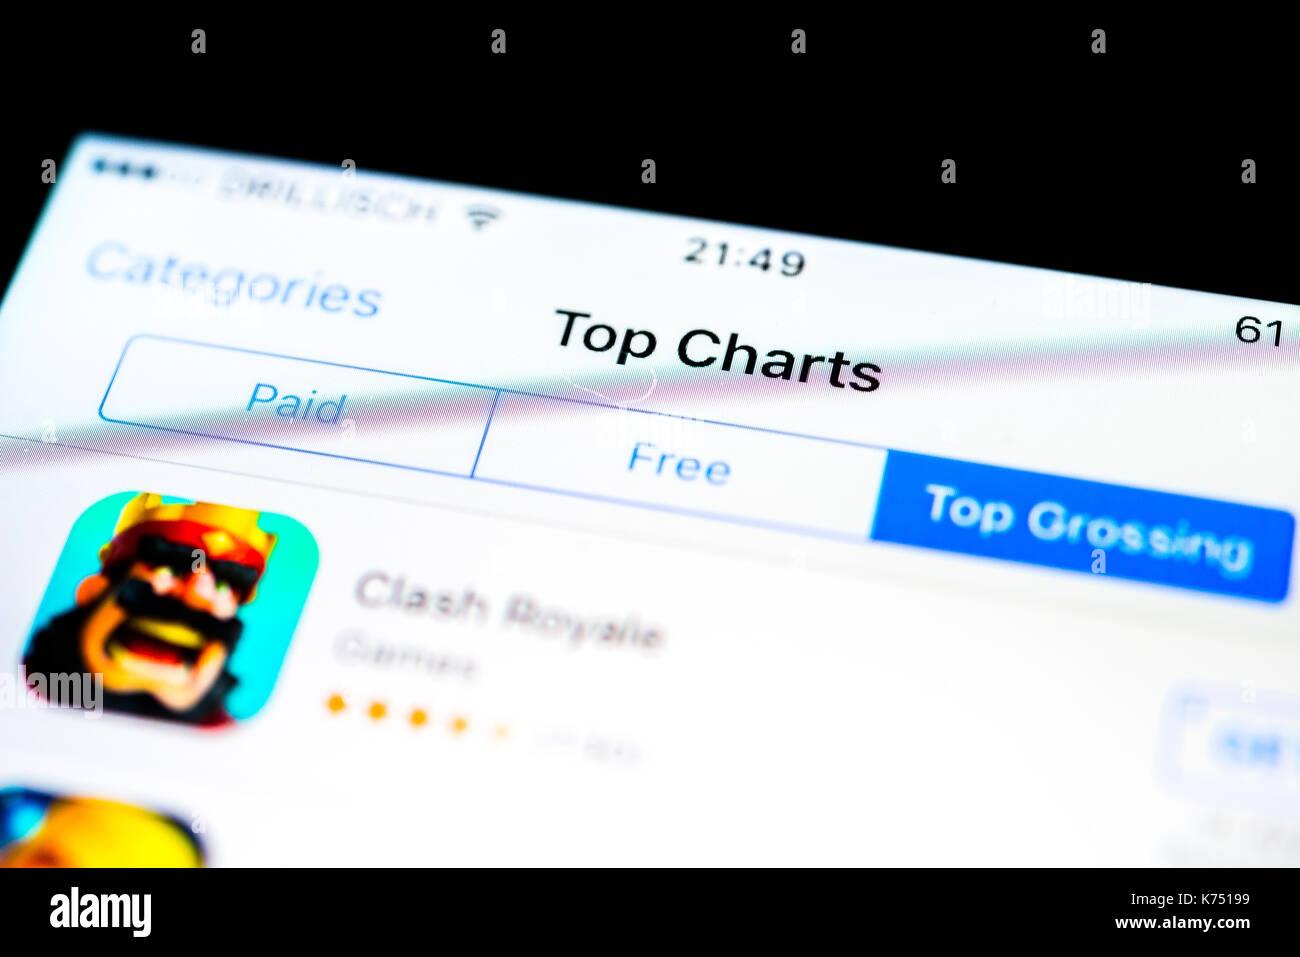 Top charts, best-selling, top-selling, top-selling apps in